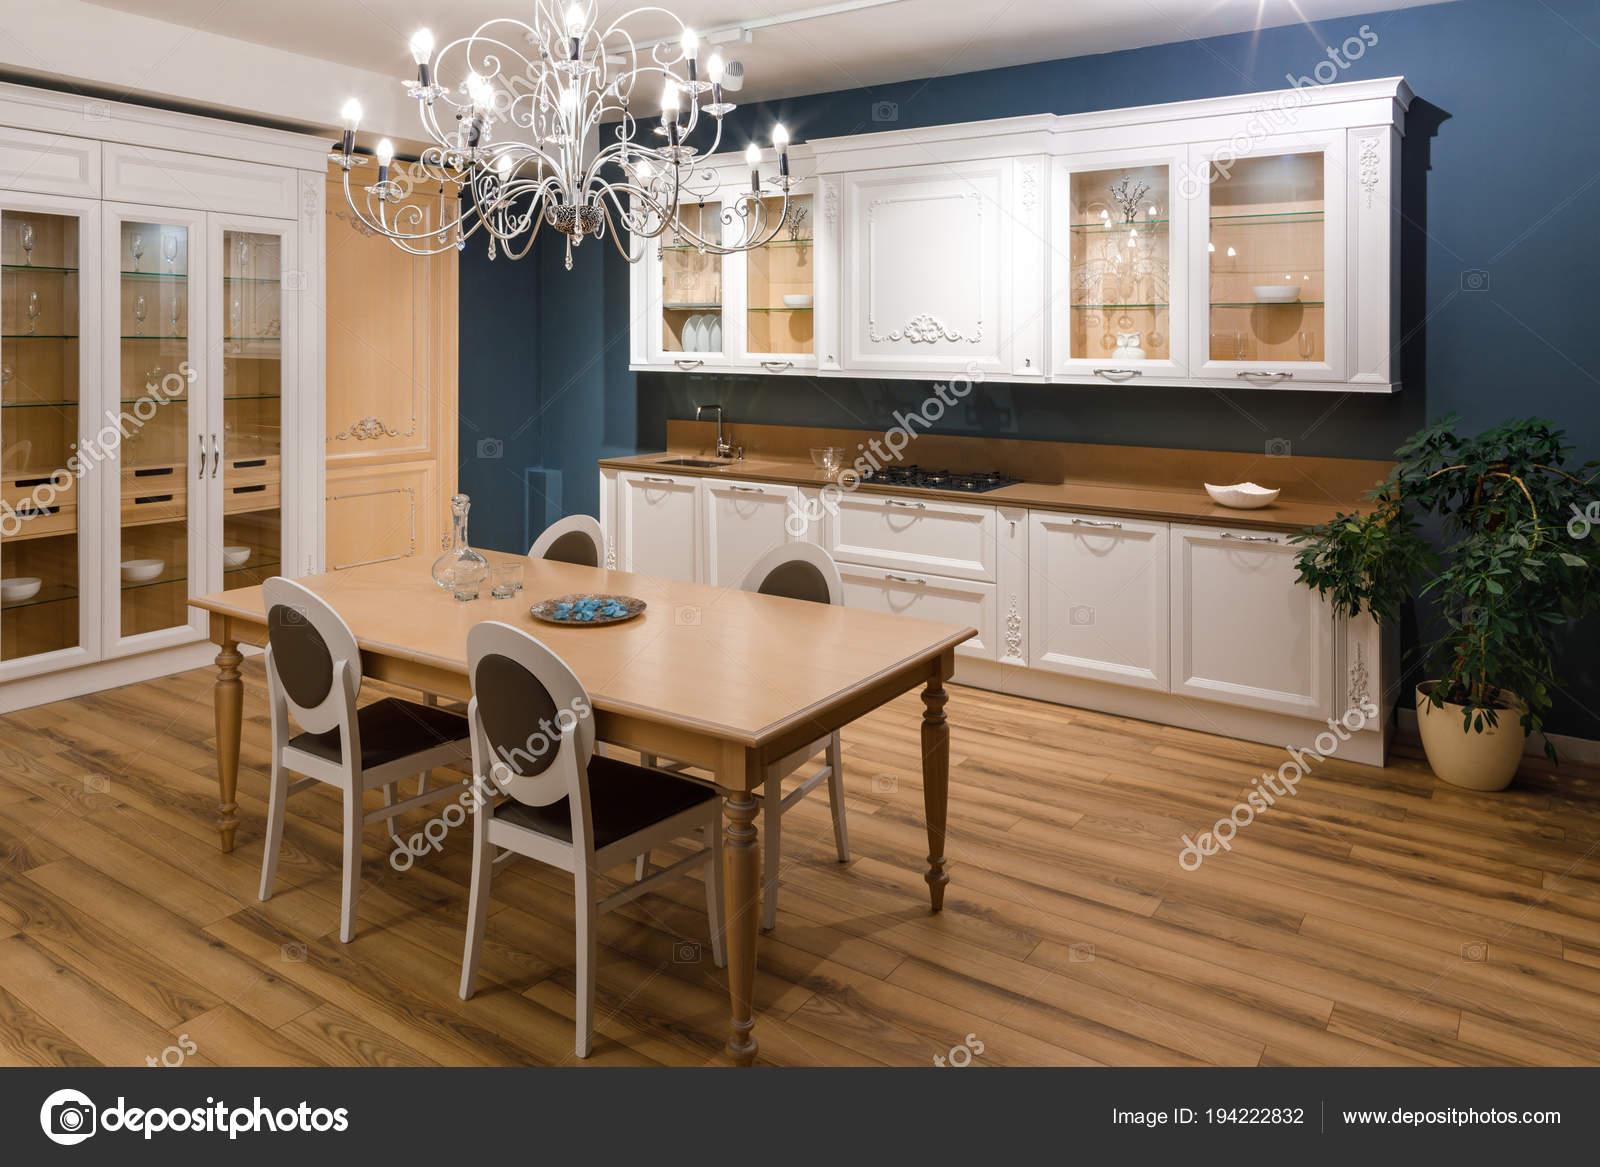 Tisch Mit Stühlen Stilvollen Küche Mit Kronleuchter — Stockfoto ...